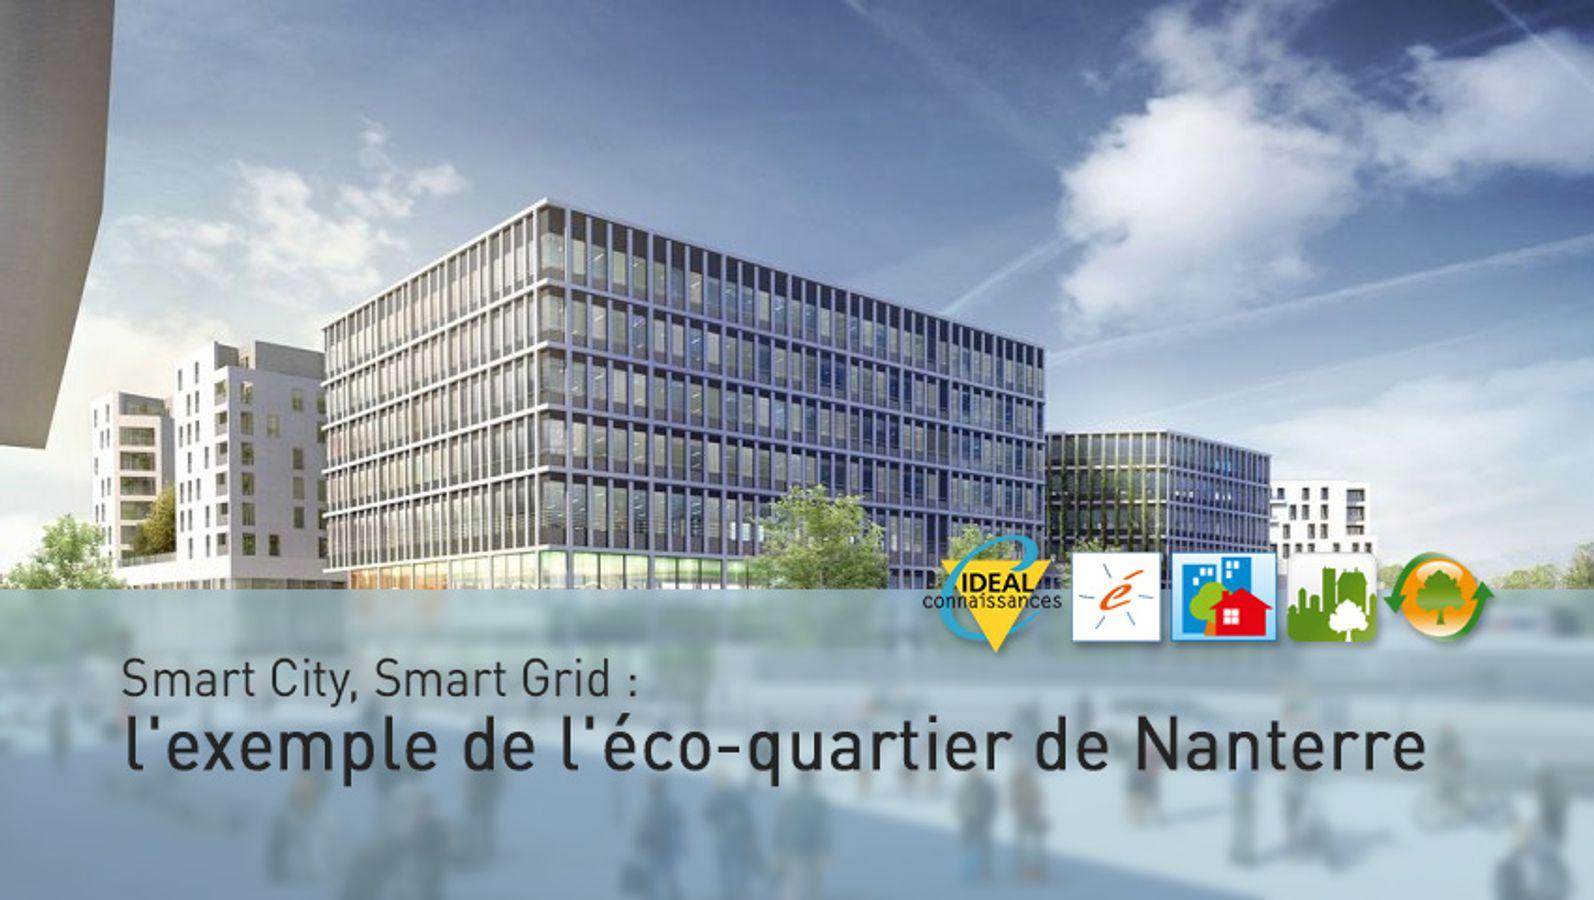 Smart City, Smart Grid : l'exemple de l'éco-quartier de Nanterre